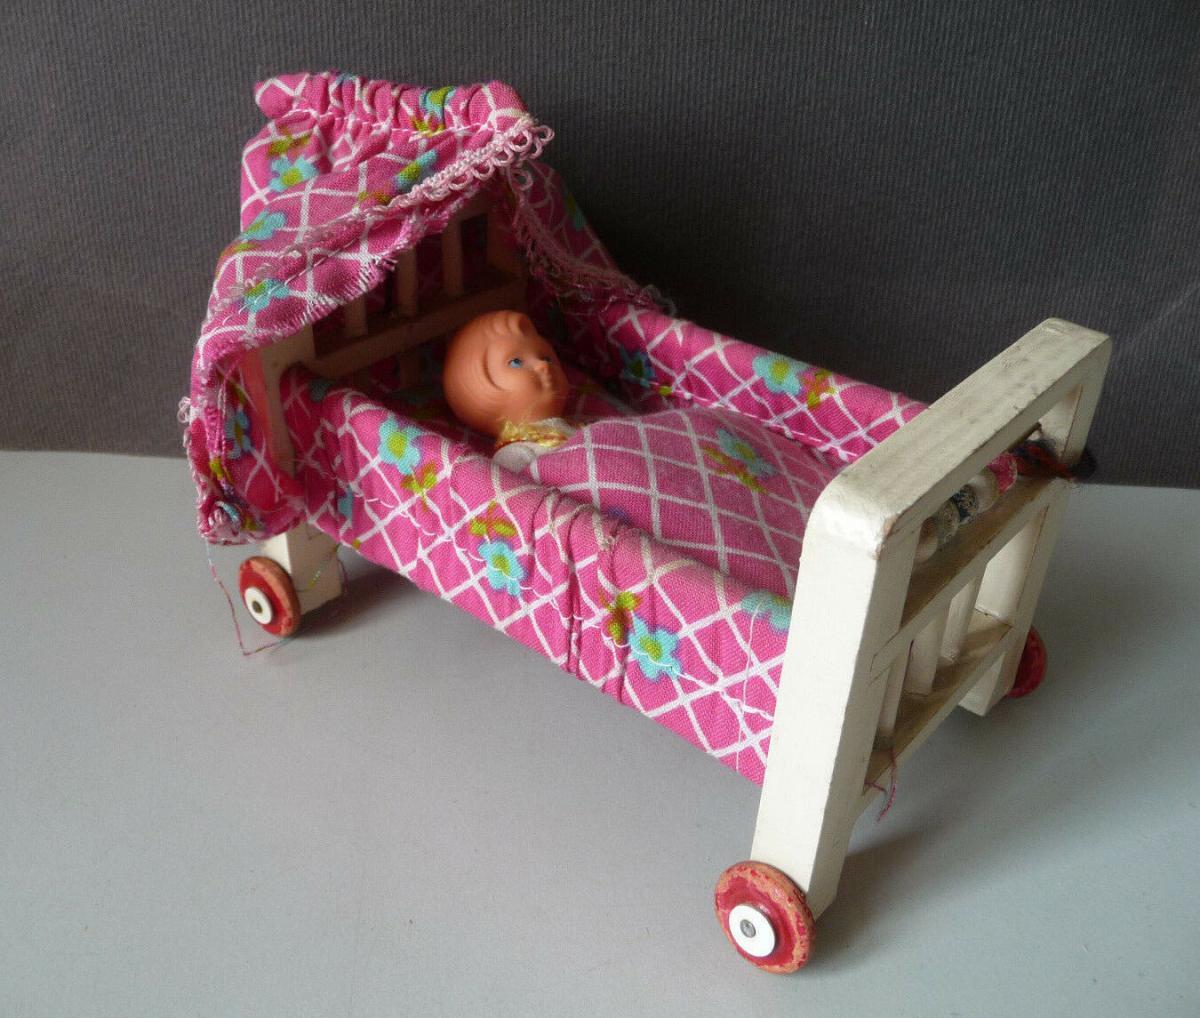 Bettchen Kinderbett auf Rollen für die Puppenstube mit Puppe 0